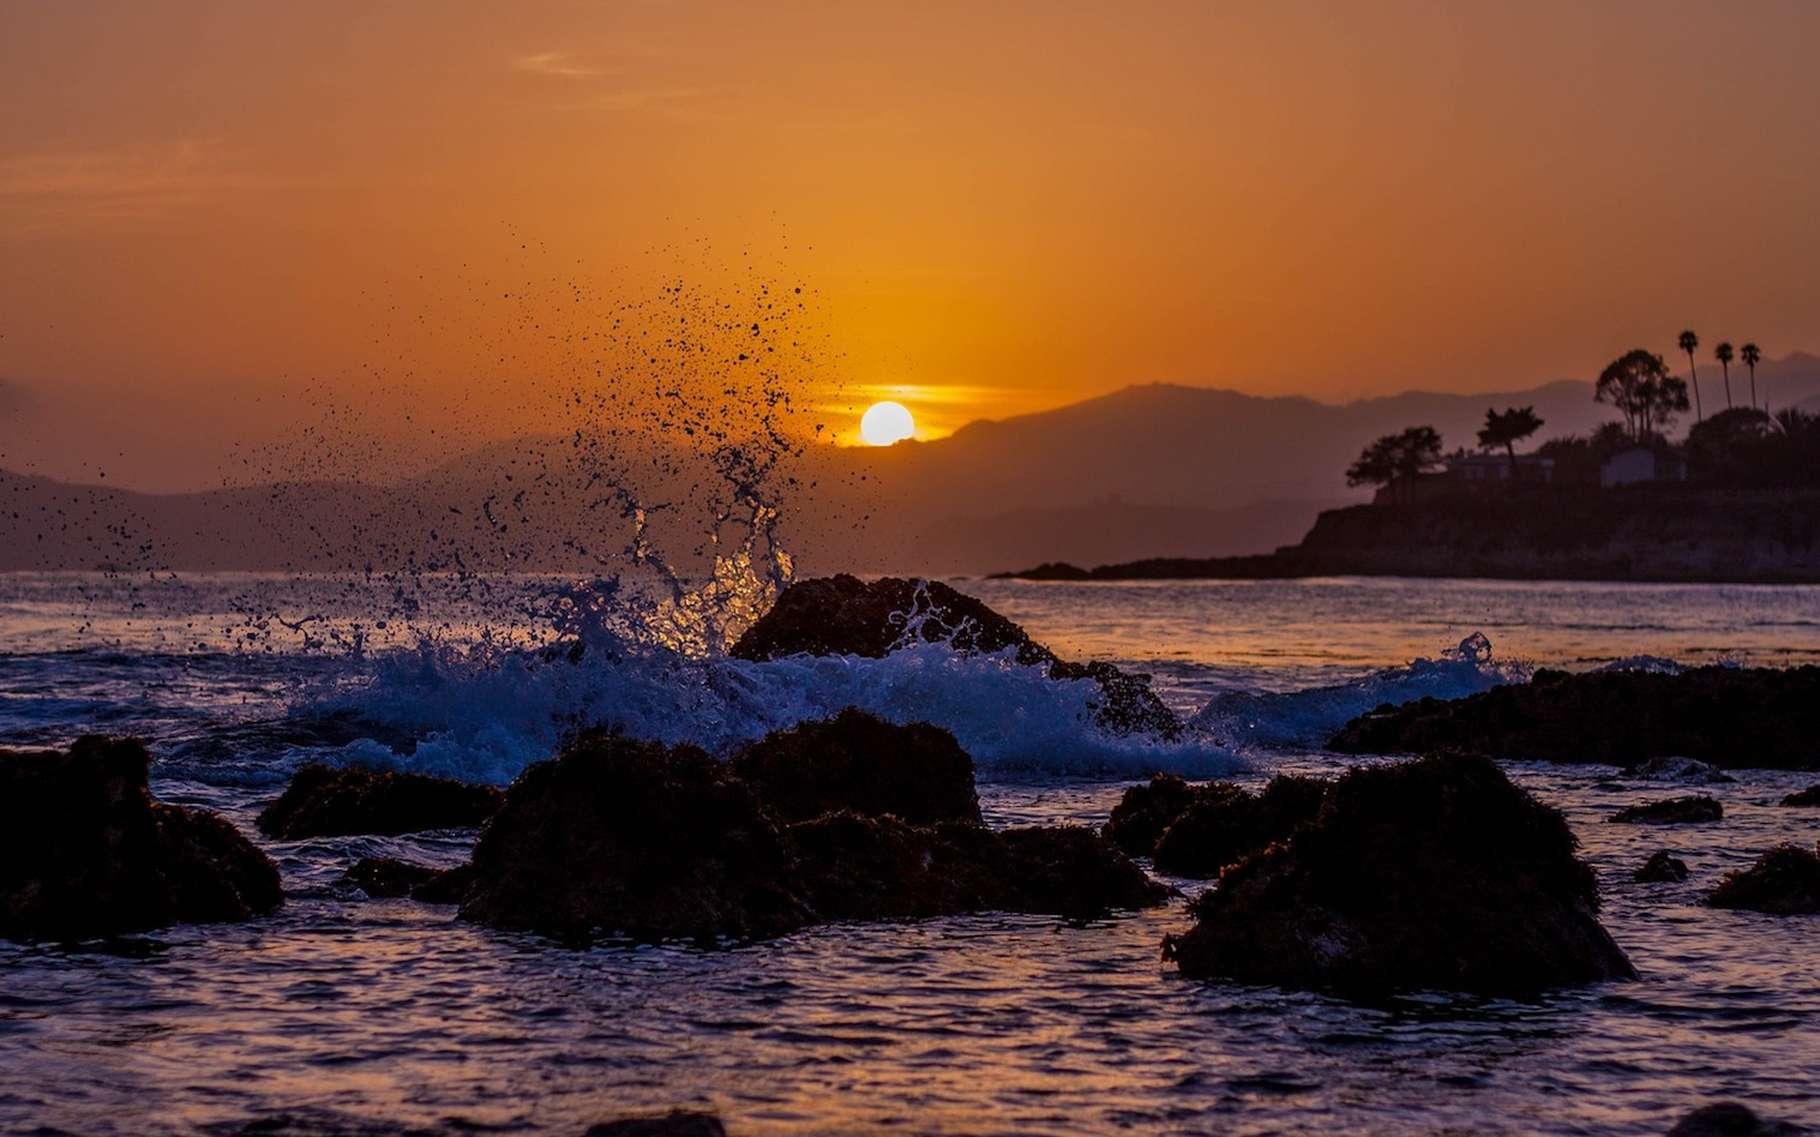 Entre l'océan, la mer, le lac, l'étang et la mare, le plus étendu est bien entendu l'océan. Et l'océan Pacifique est le plus vaste des océans du monde. © thomaswhitaker, Pixabay, CC0 Public Domain